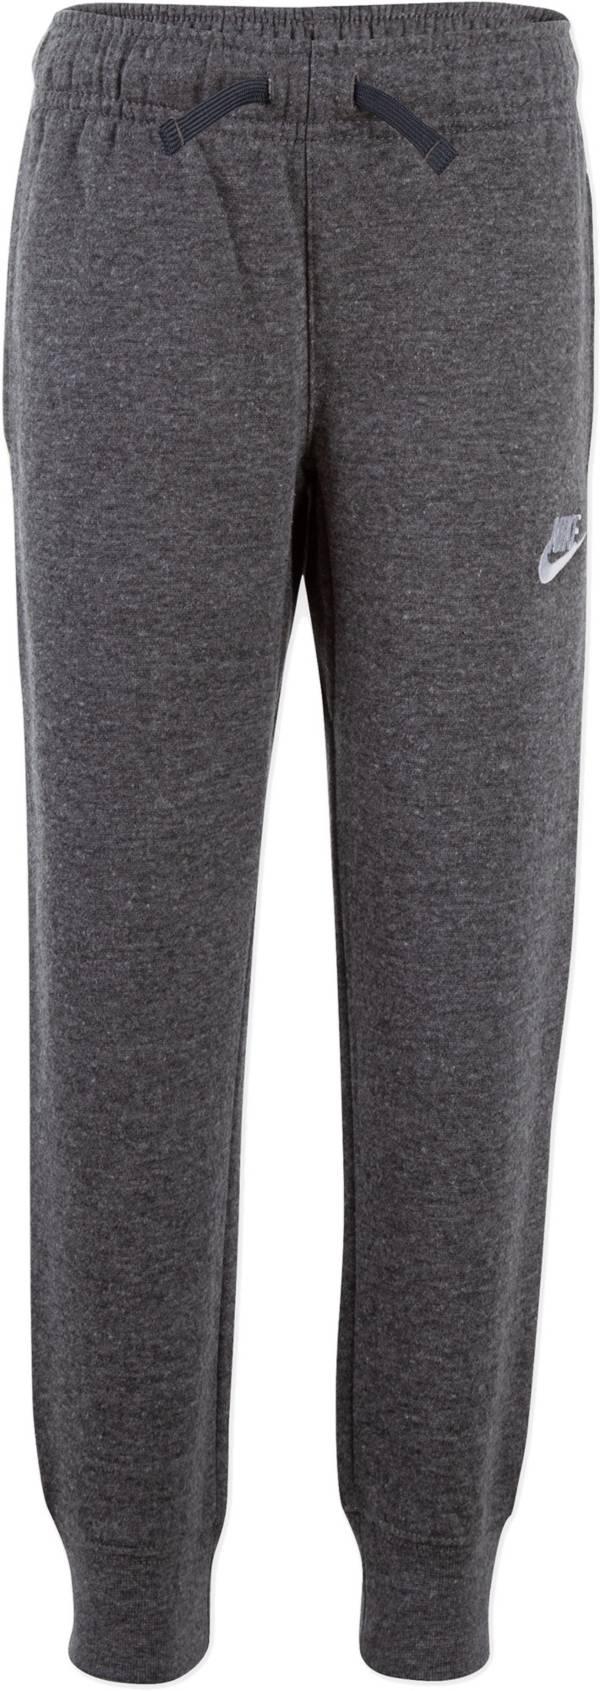 Nike Little Boys' Sportswear Club Fleece Pants product image